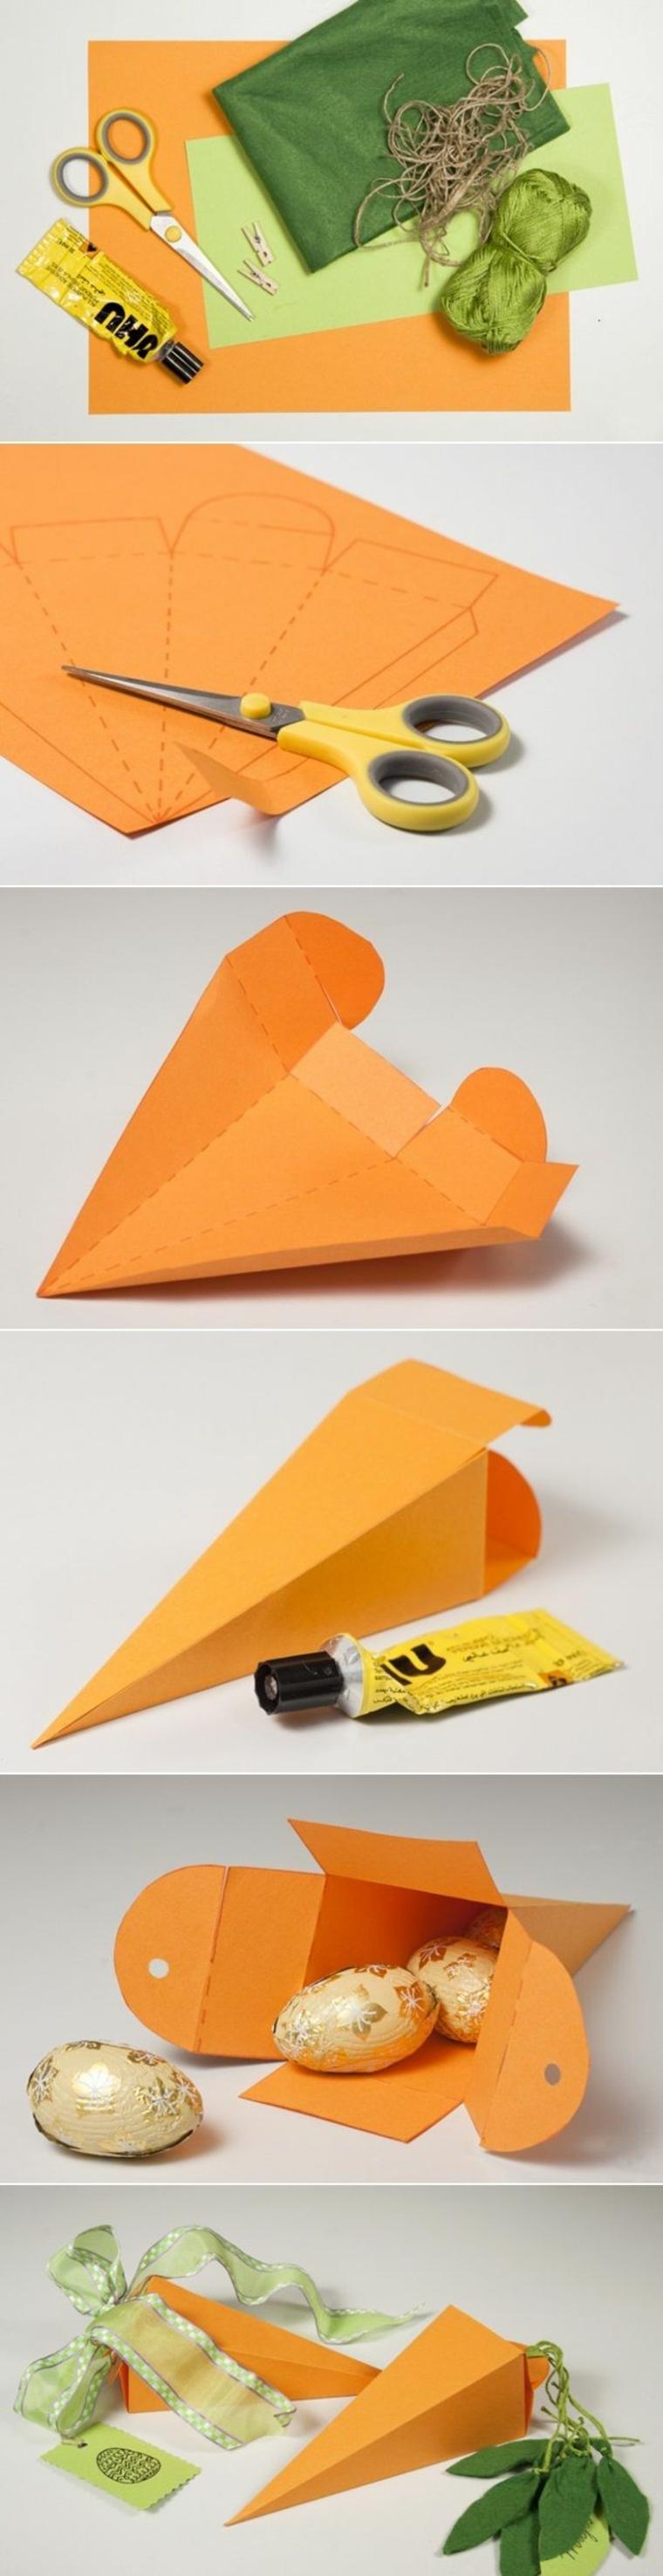 come dare forma ad un contenitore per le uova pasquali a forma di carota con del cartoncino